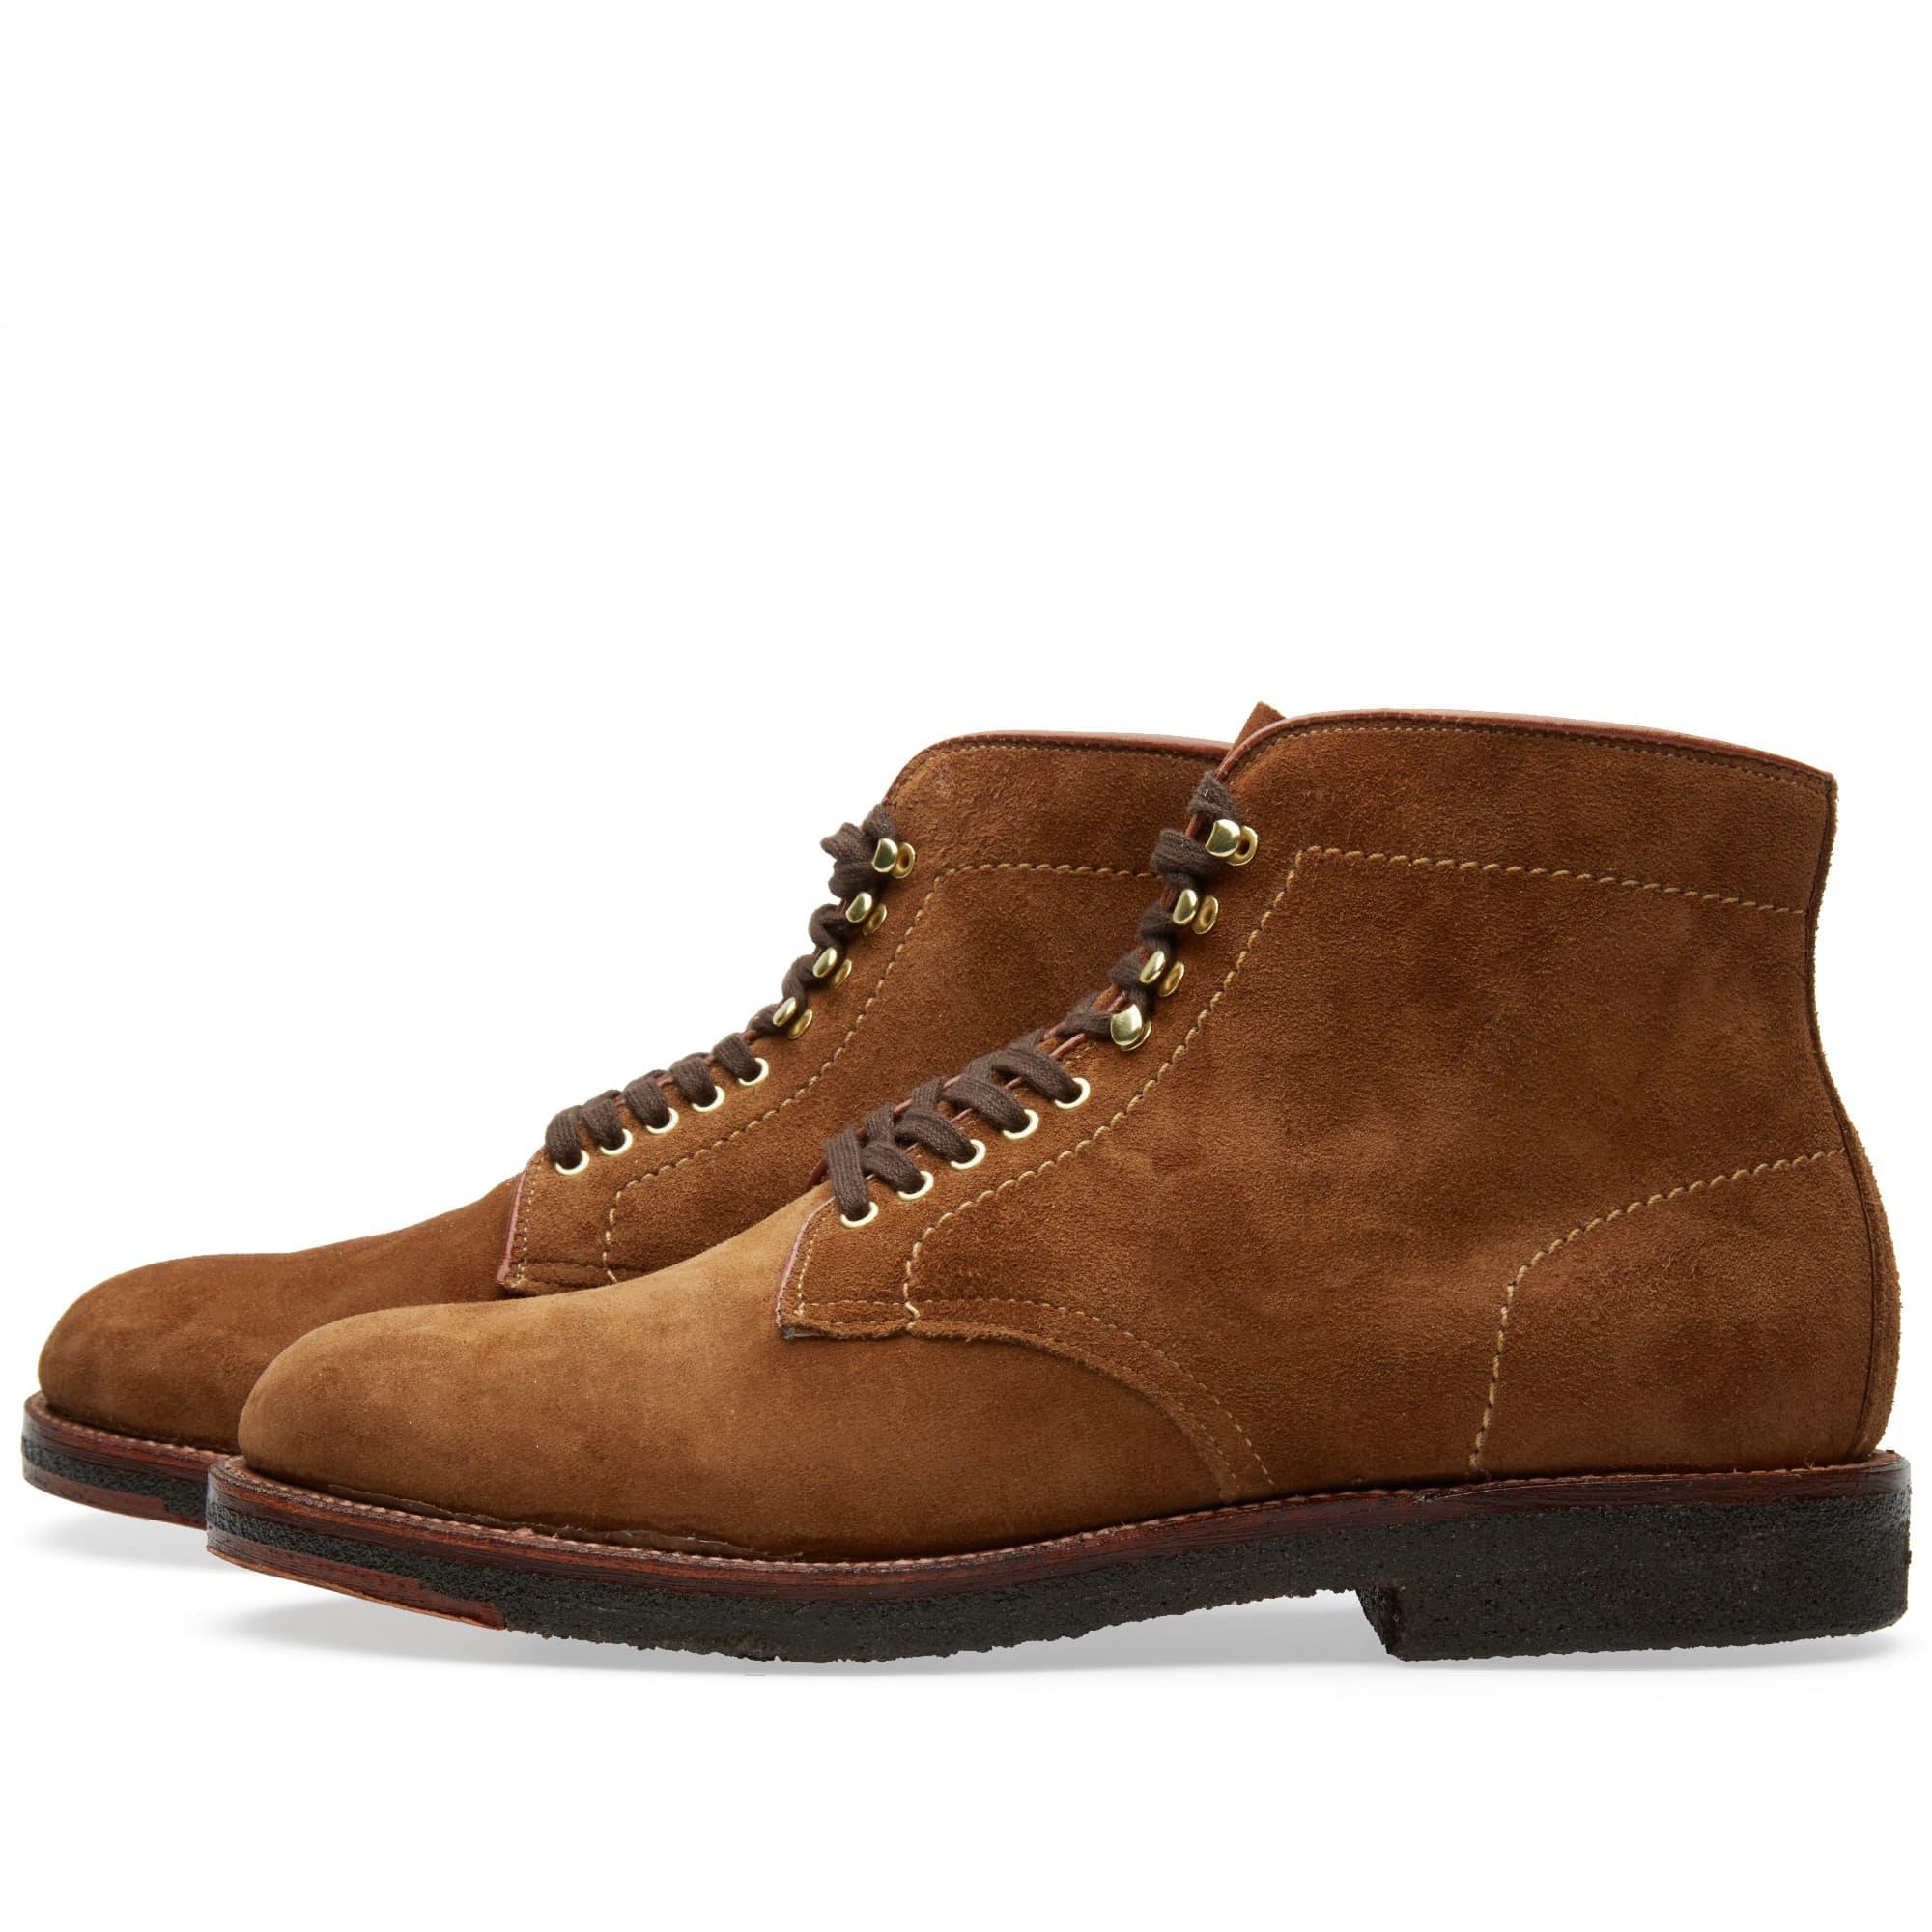 Alden Munson Boot - Snuff Suede